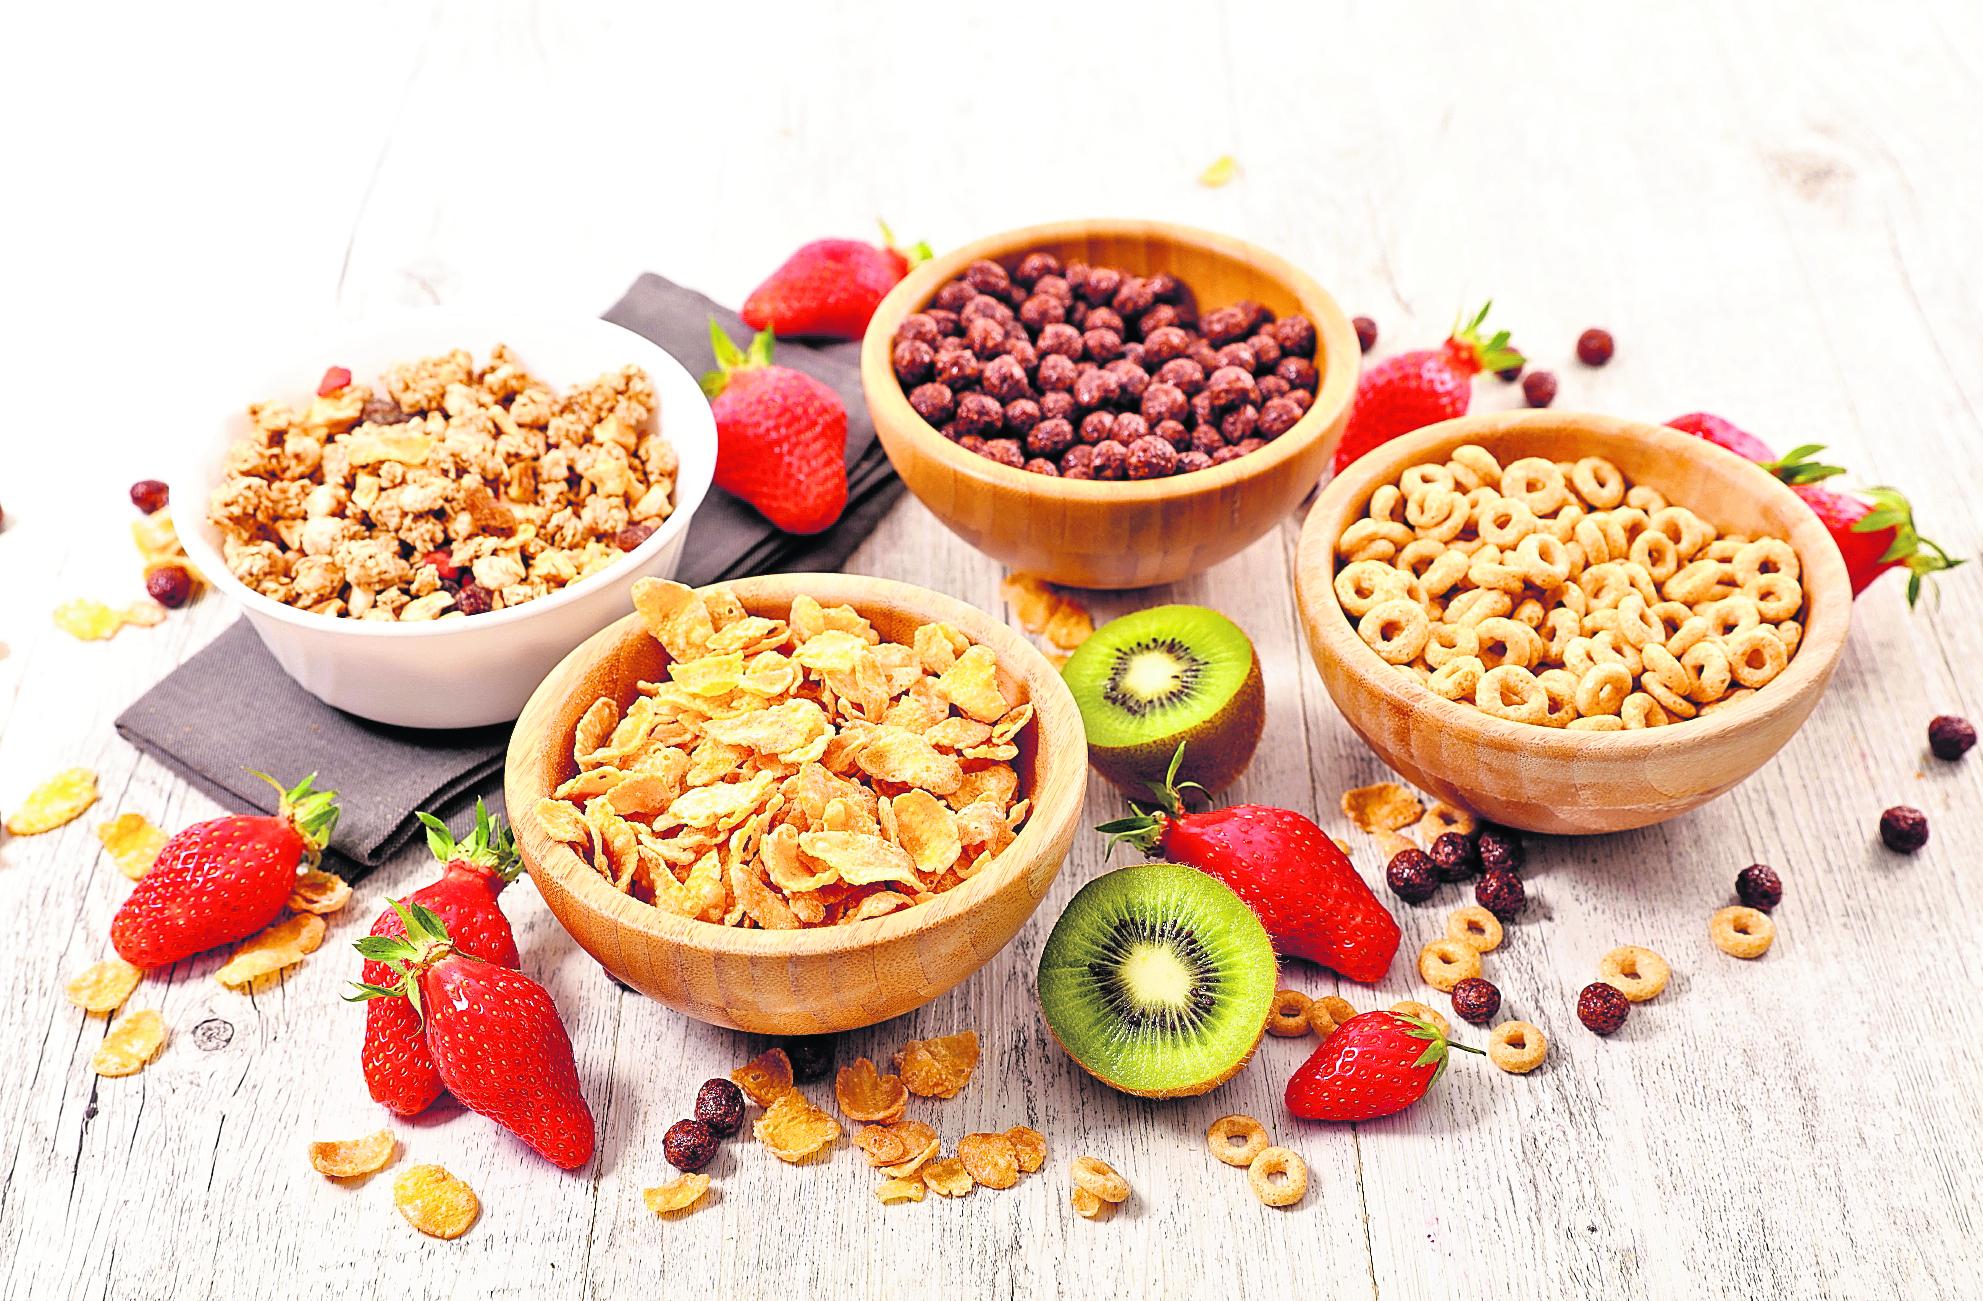 Cómo elegir un cereal para desayuno y cuánto comer – Prensa Libre